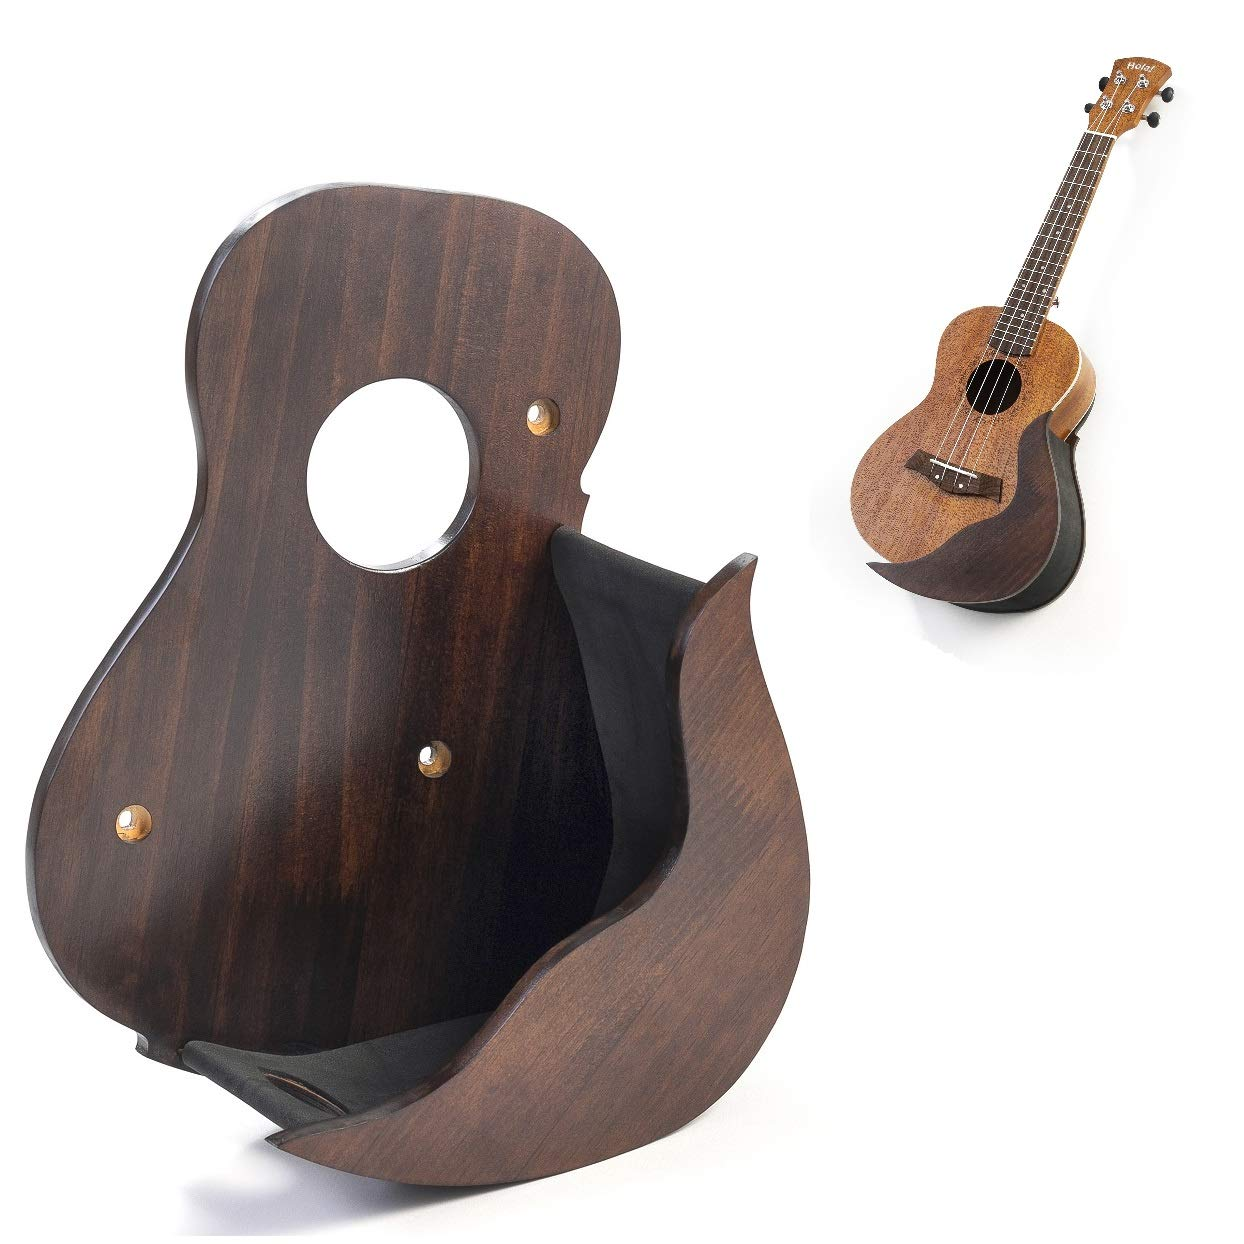 Black Portable Folding Ukulele Stand by Hola Music